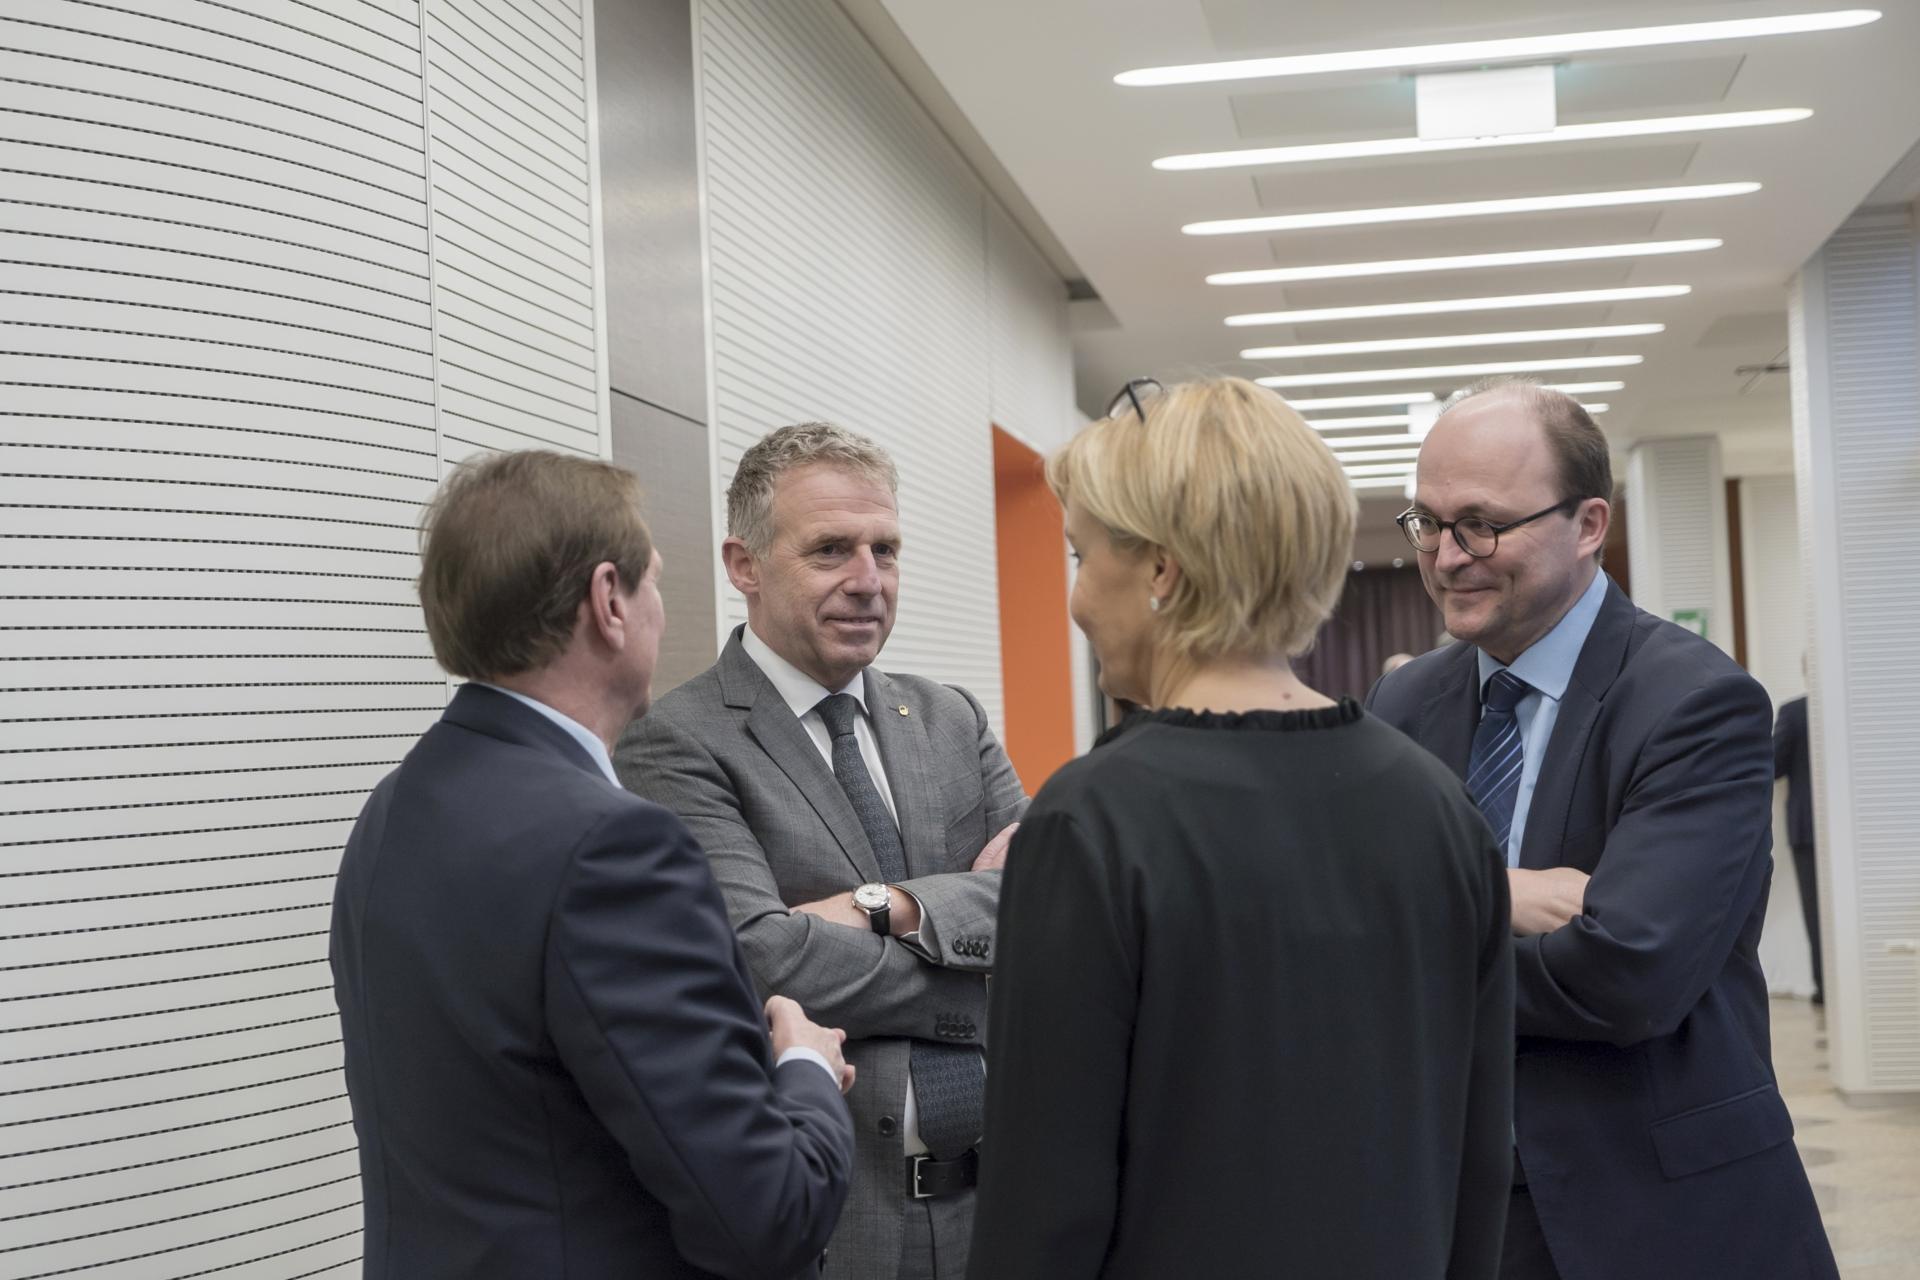 Soirée en l'honneur du Président honoraire, Monsieur Roland Kuhn du 23 janvier 2018